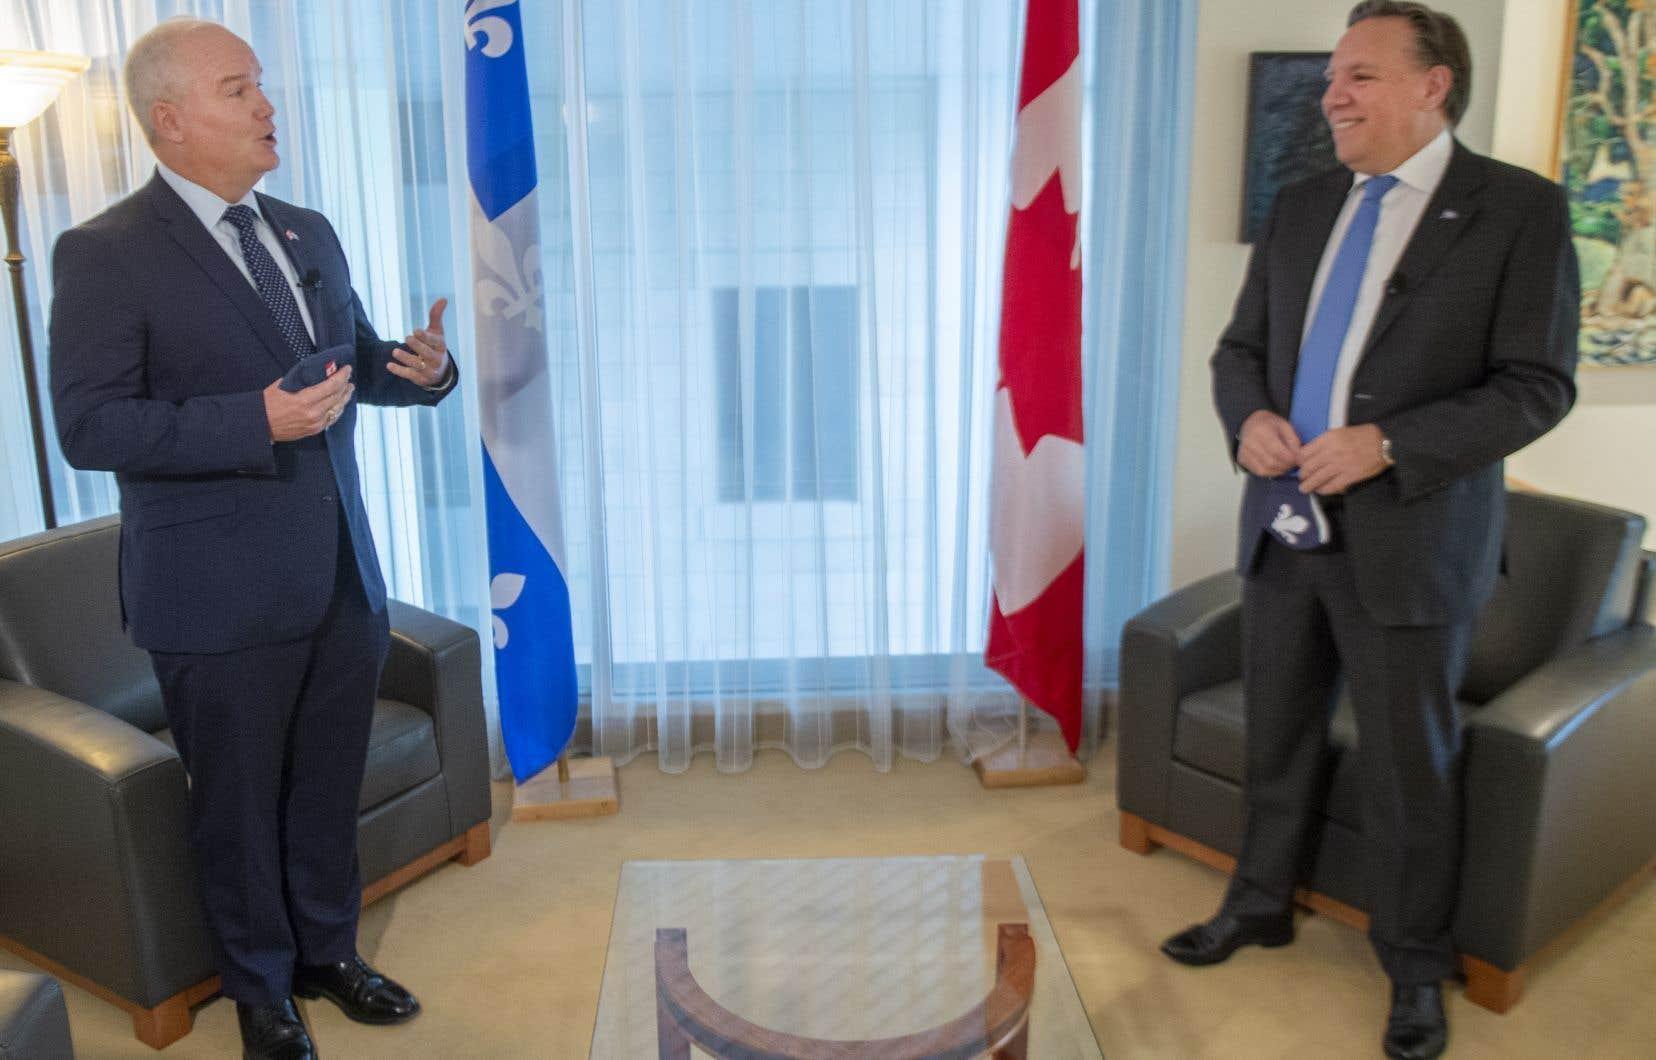 Le nouveau chef conservateur, Erin O'Toole, a rencontré le premier ministre François Legault dans ses bureaux montréalais, lundi.